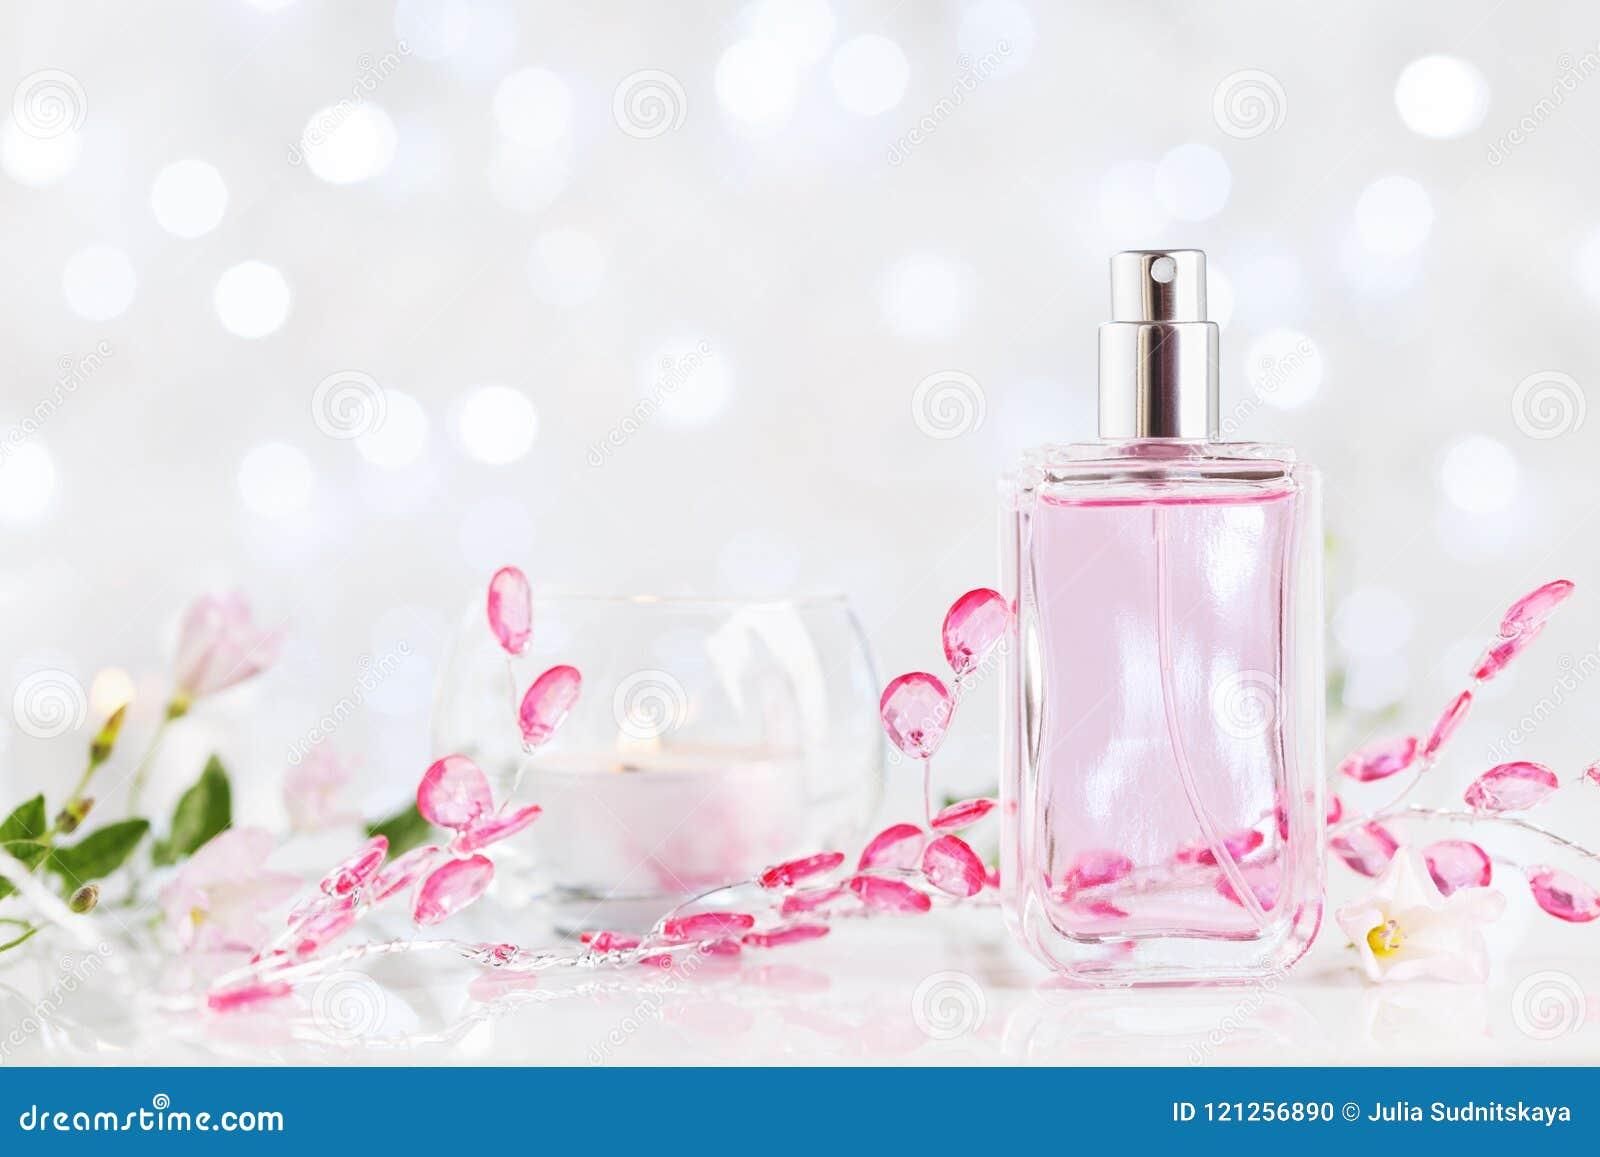 有鲜花芬芳的香水瓶 秀丽和香料厂背景